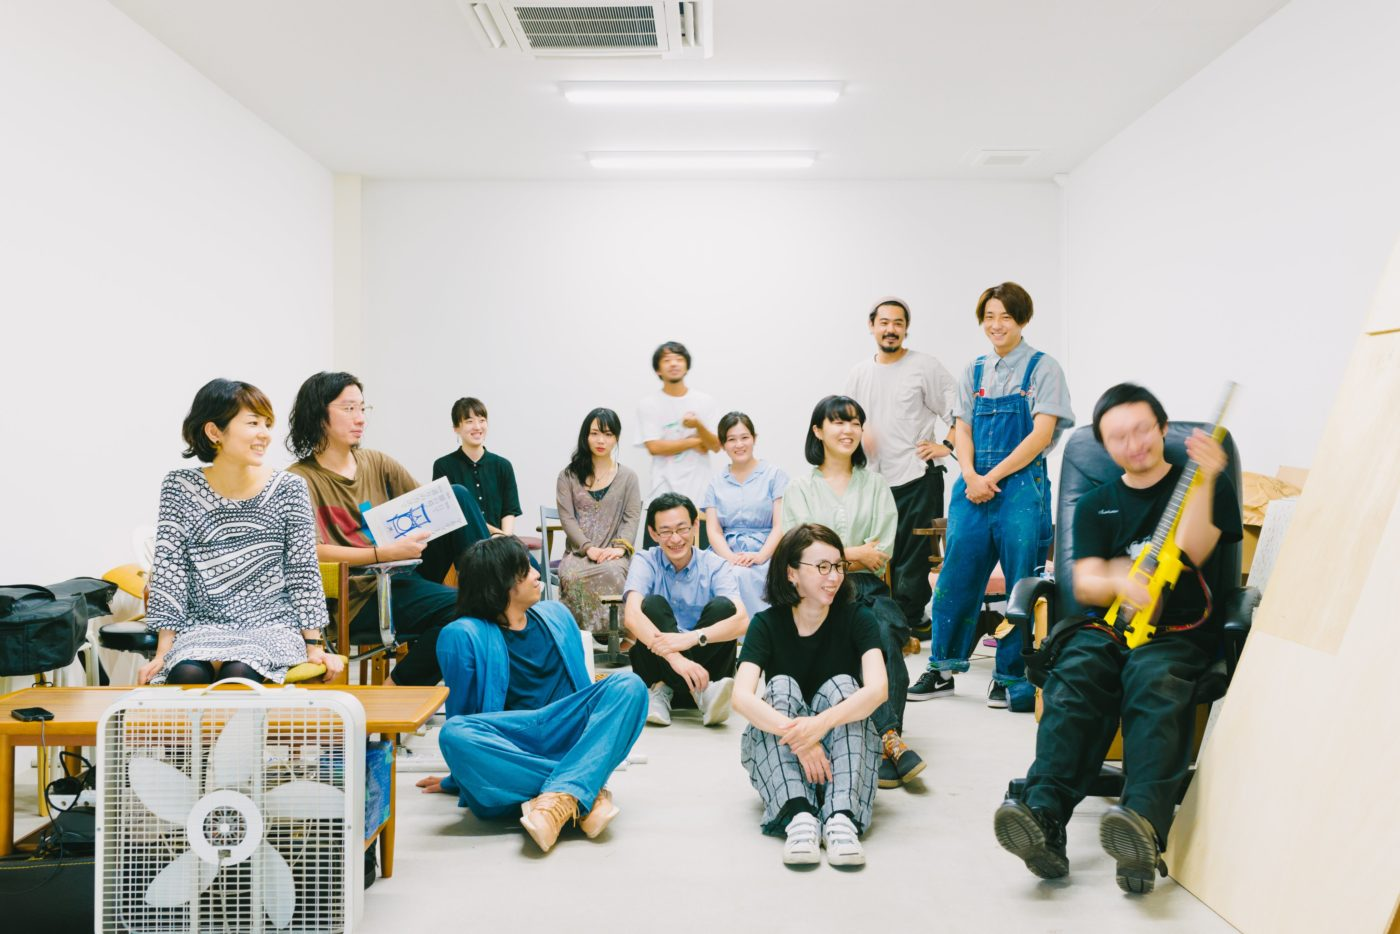 北加賀屋のアーティスト・スペース「Super Studio Kitakagaya」が、オンラインでオープンスタジオを開催。入居者11組13名のスタジオ&インタビュー、共有スペースでの企画展示を公開。